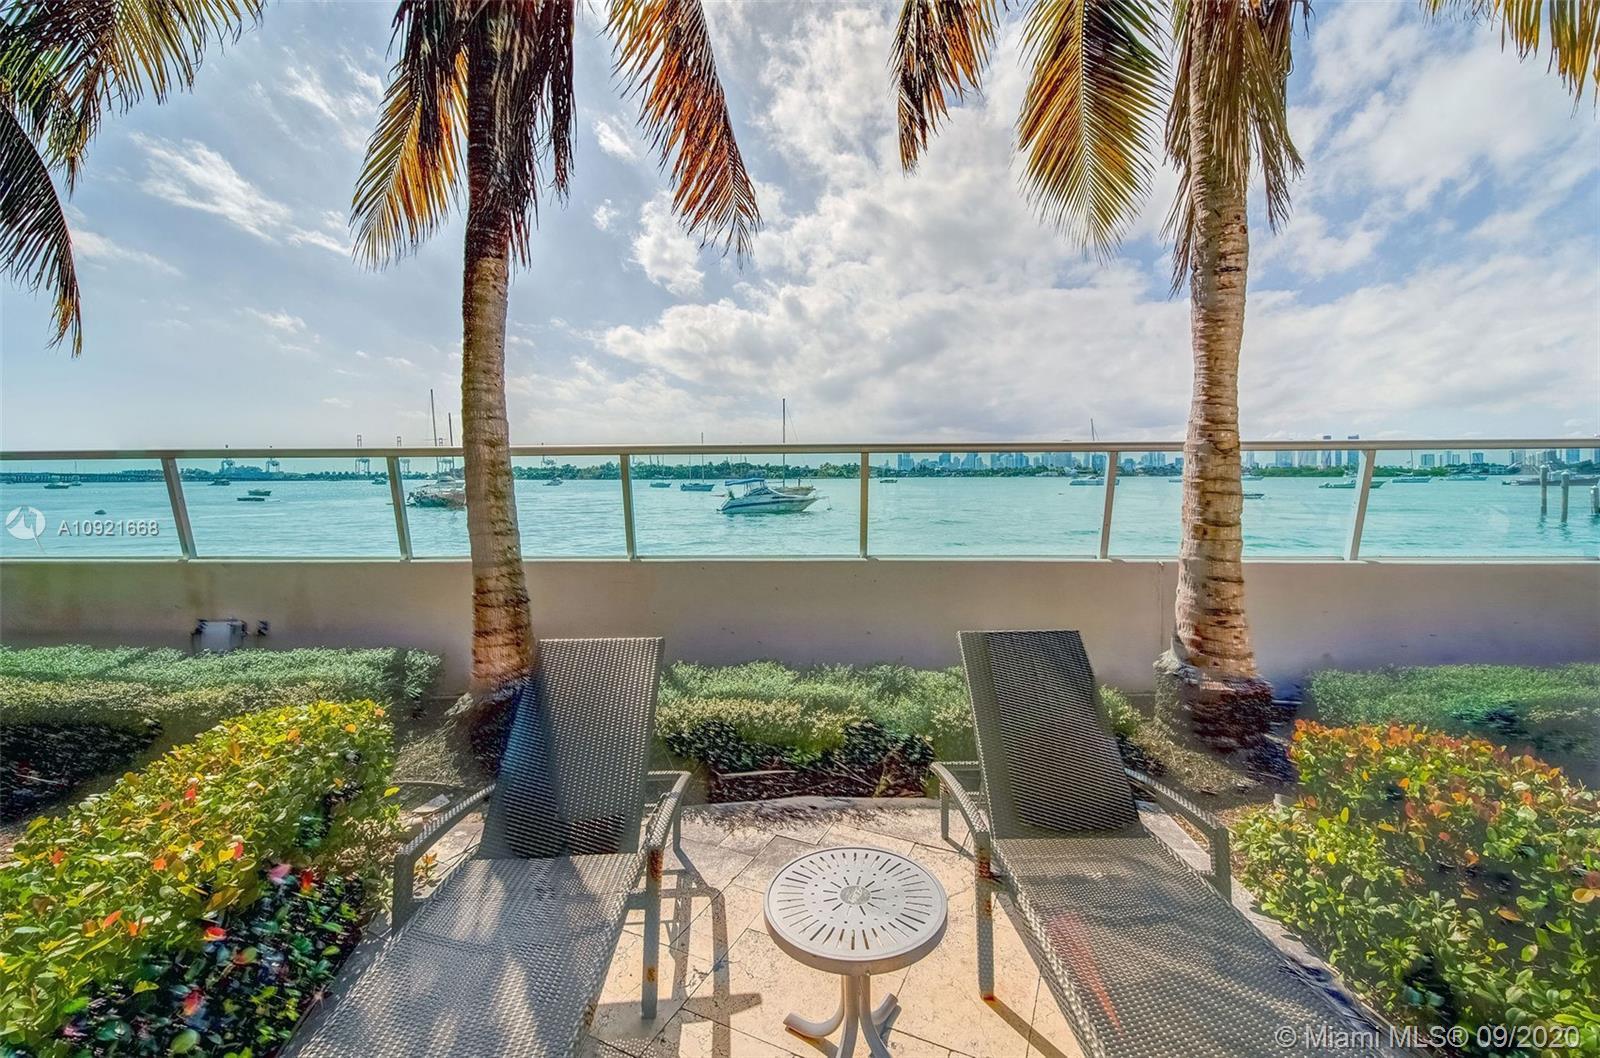 Flamingo South Beach #C-1007 - 1500 Bay Rd #C-1007, Miami Beach, FL 33139